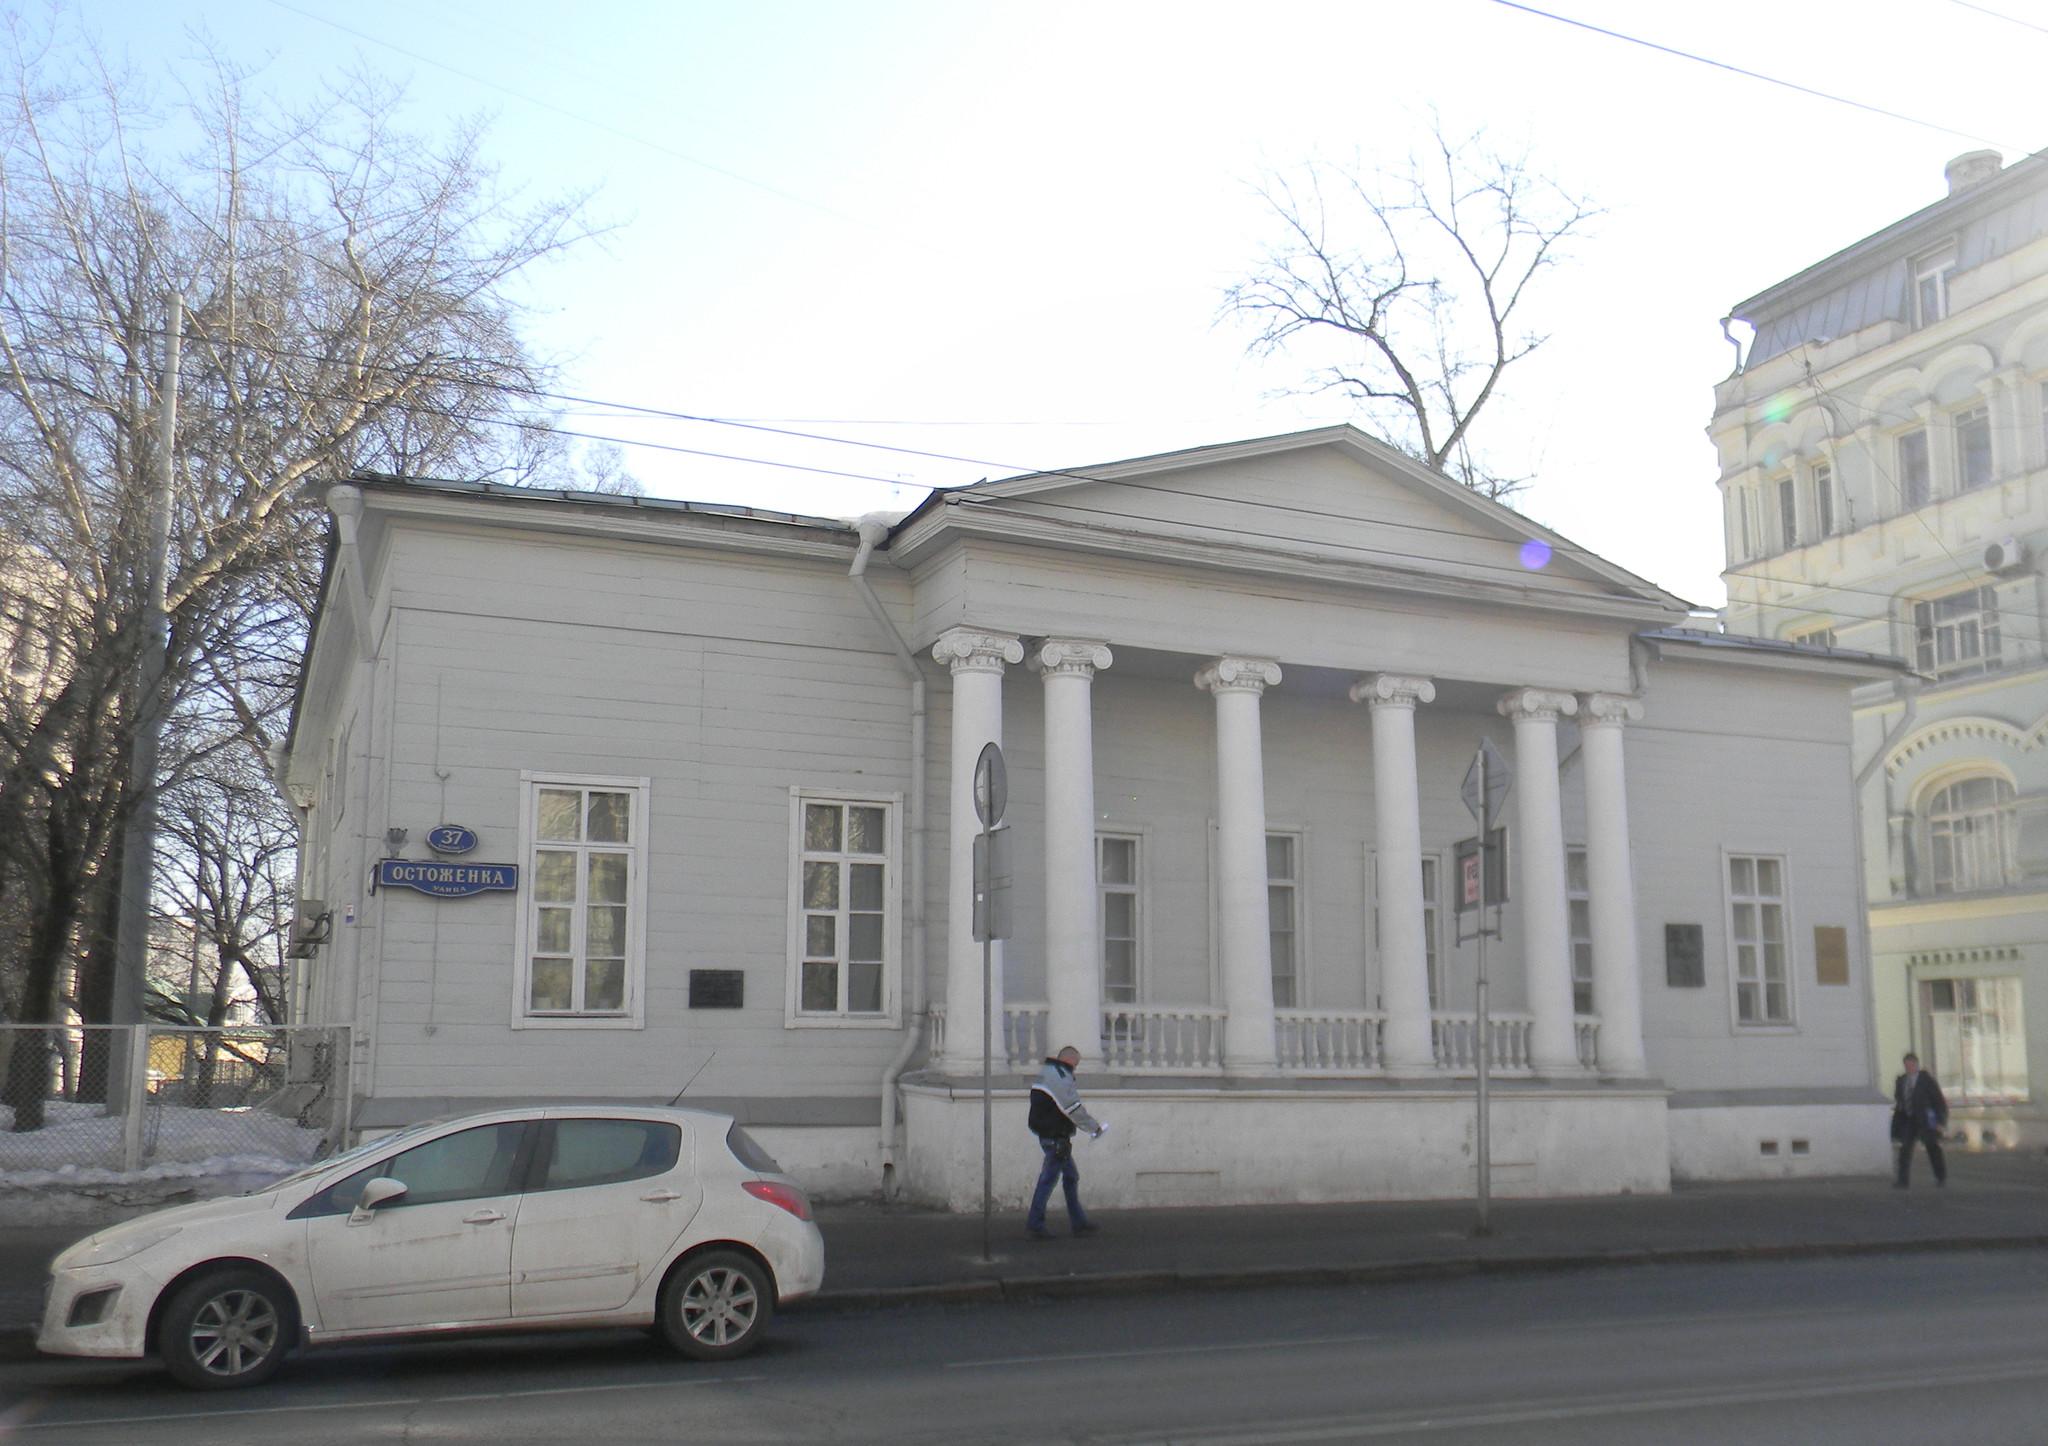 Музей И.С. Тургенева в Москве, улица Остоженка, дом 37